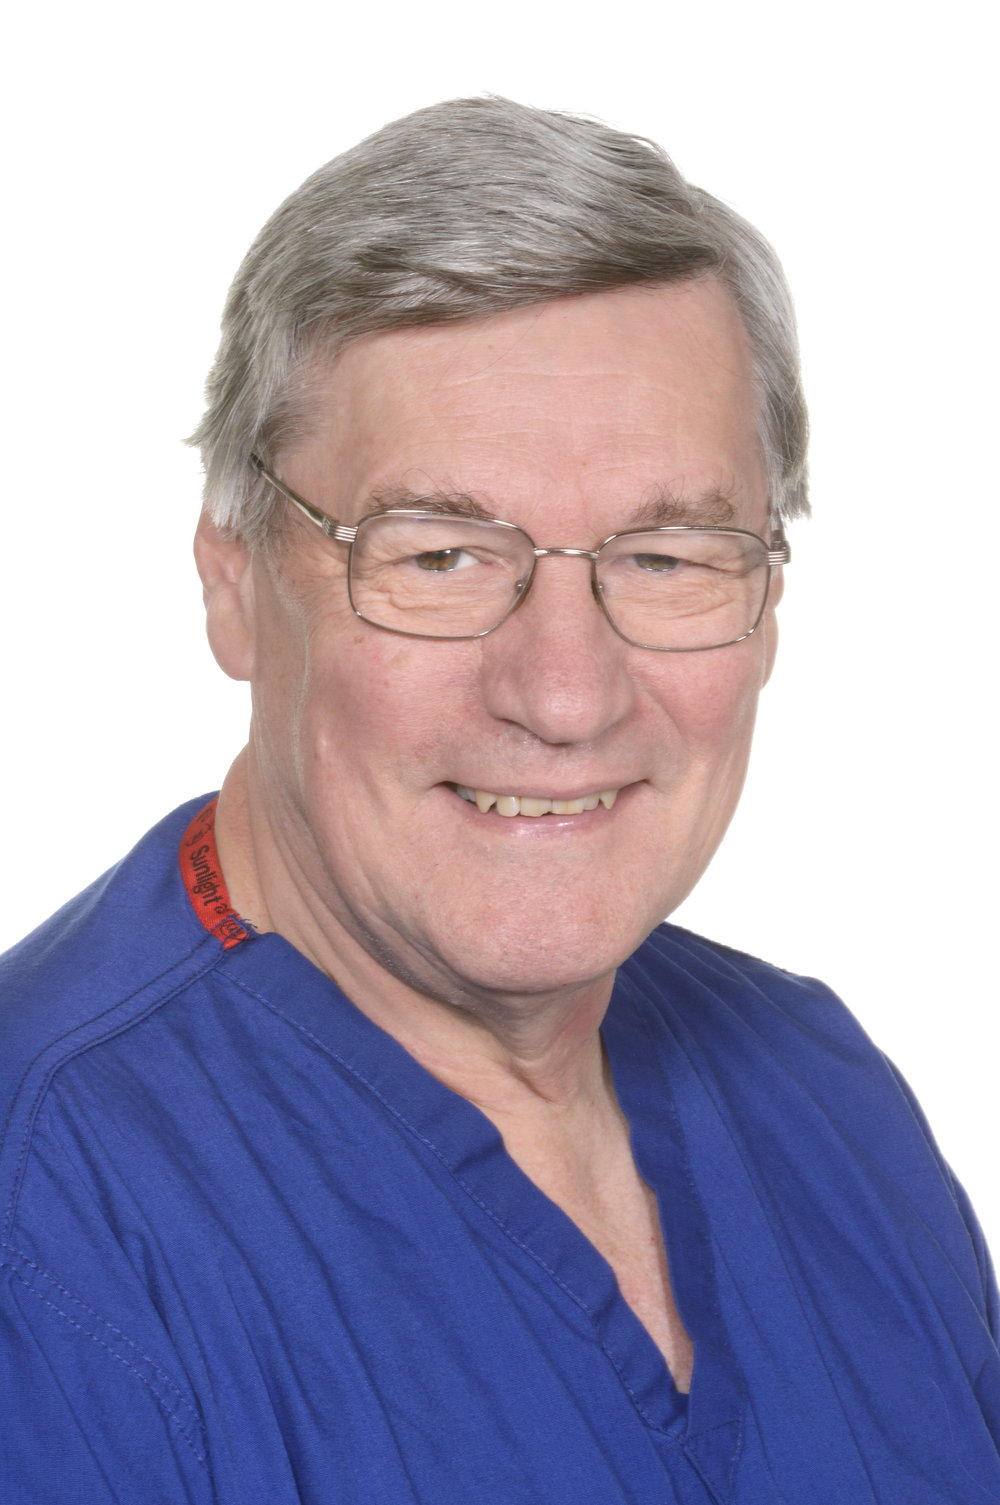 Steve Westaby